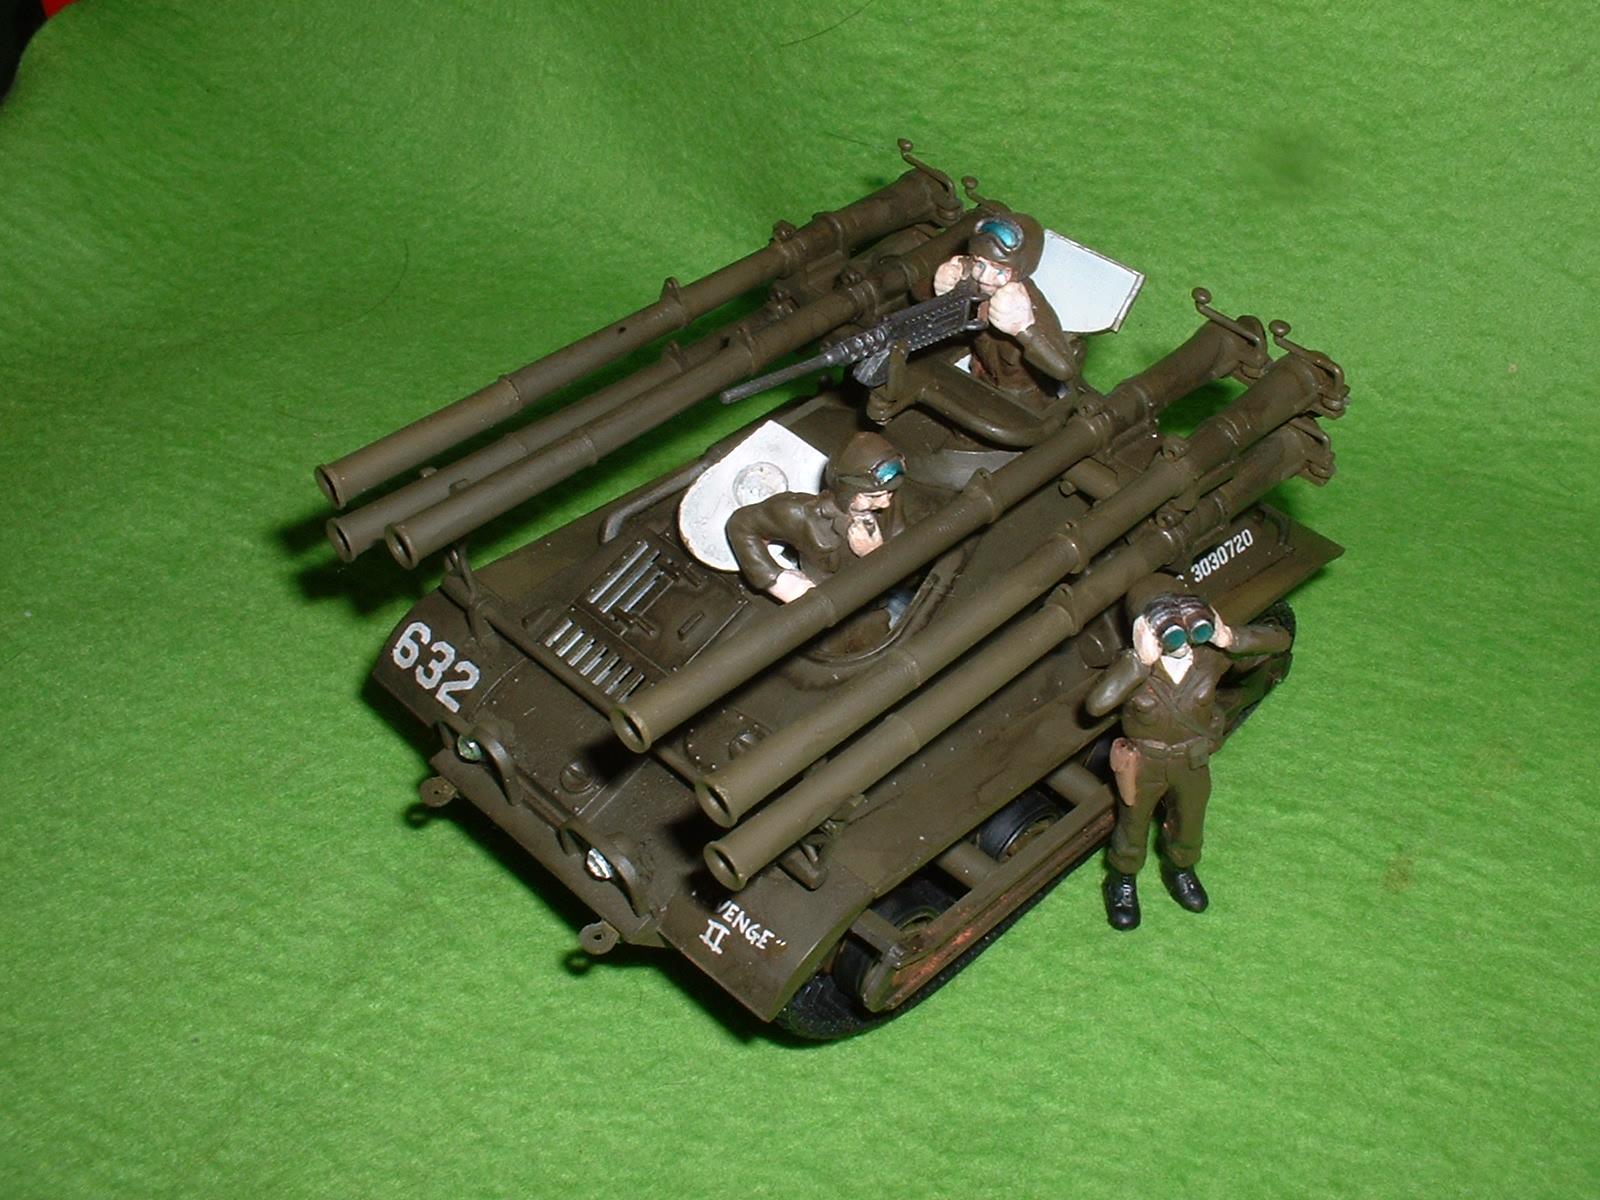 レベル社 32分の1「M-50 オントㇲ」 付属フィギィア を配置 Doburoku-TAO.JPG.JPG